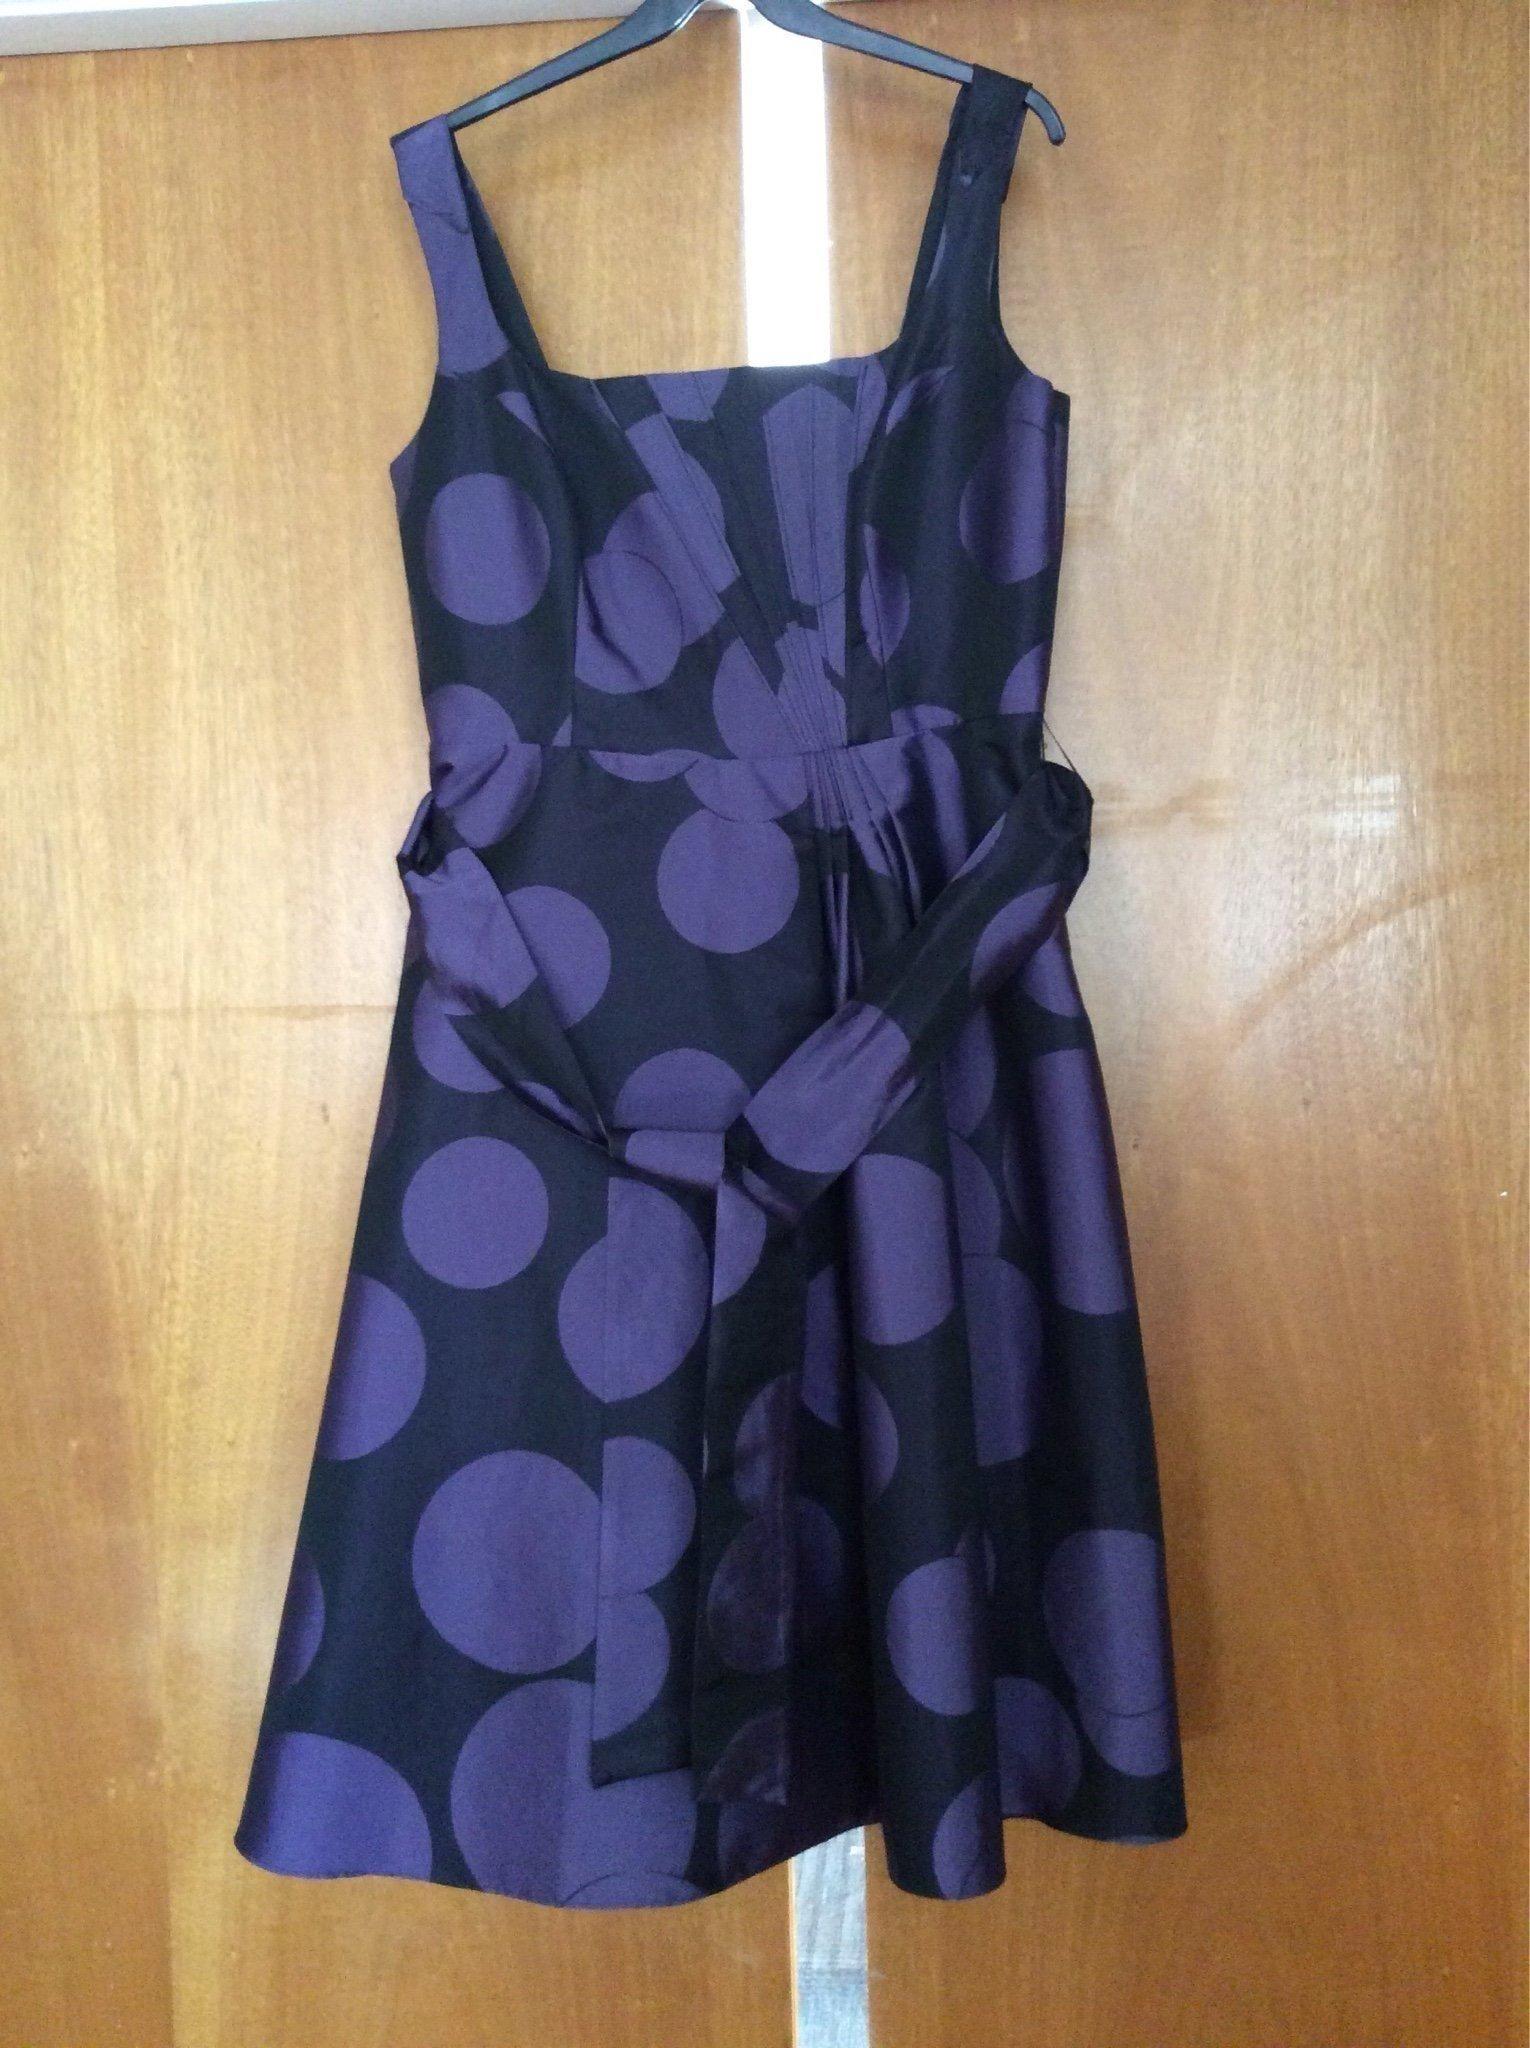 b33ce2349be8 Debenhams début klänning 42/14 (354013339) ᐈ Köp på Tradera